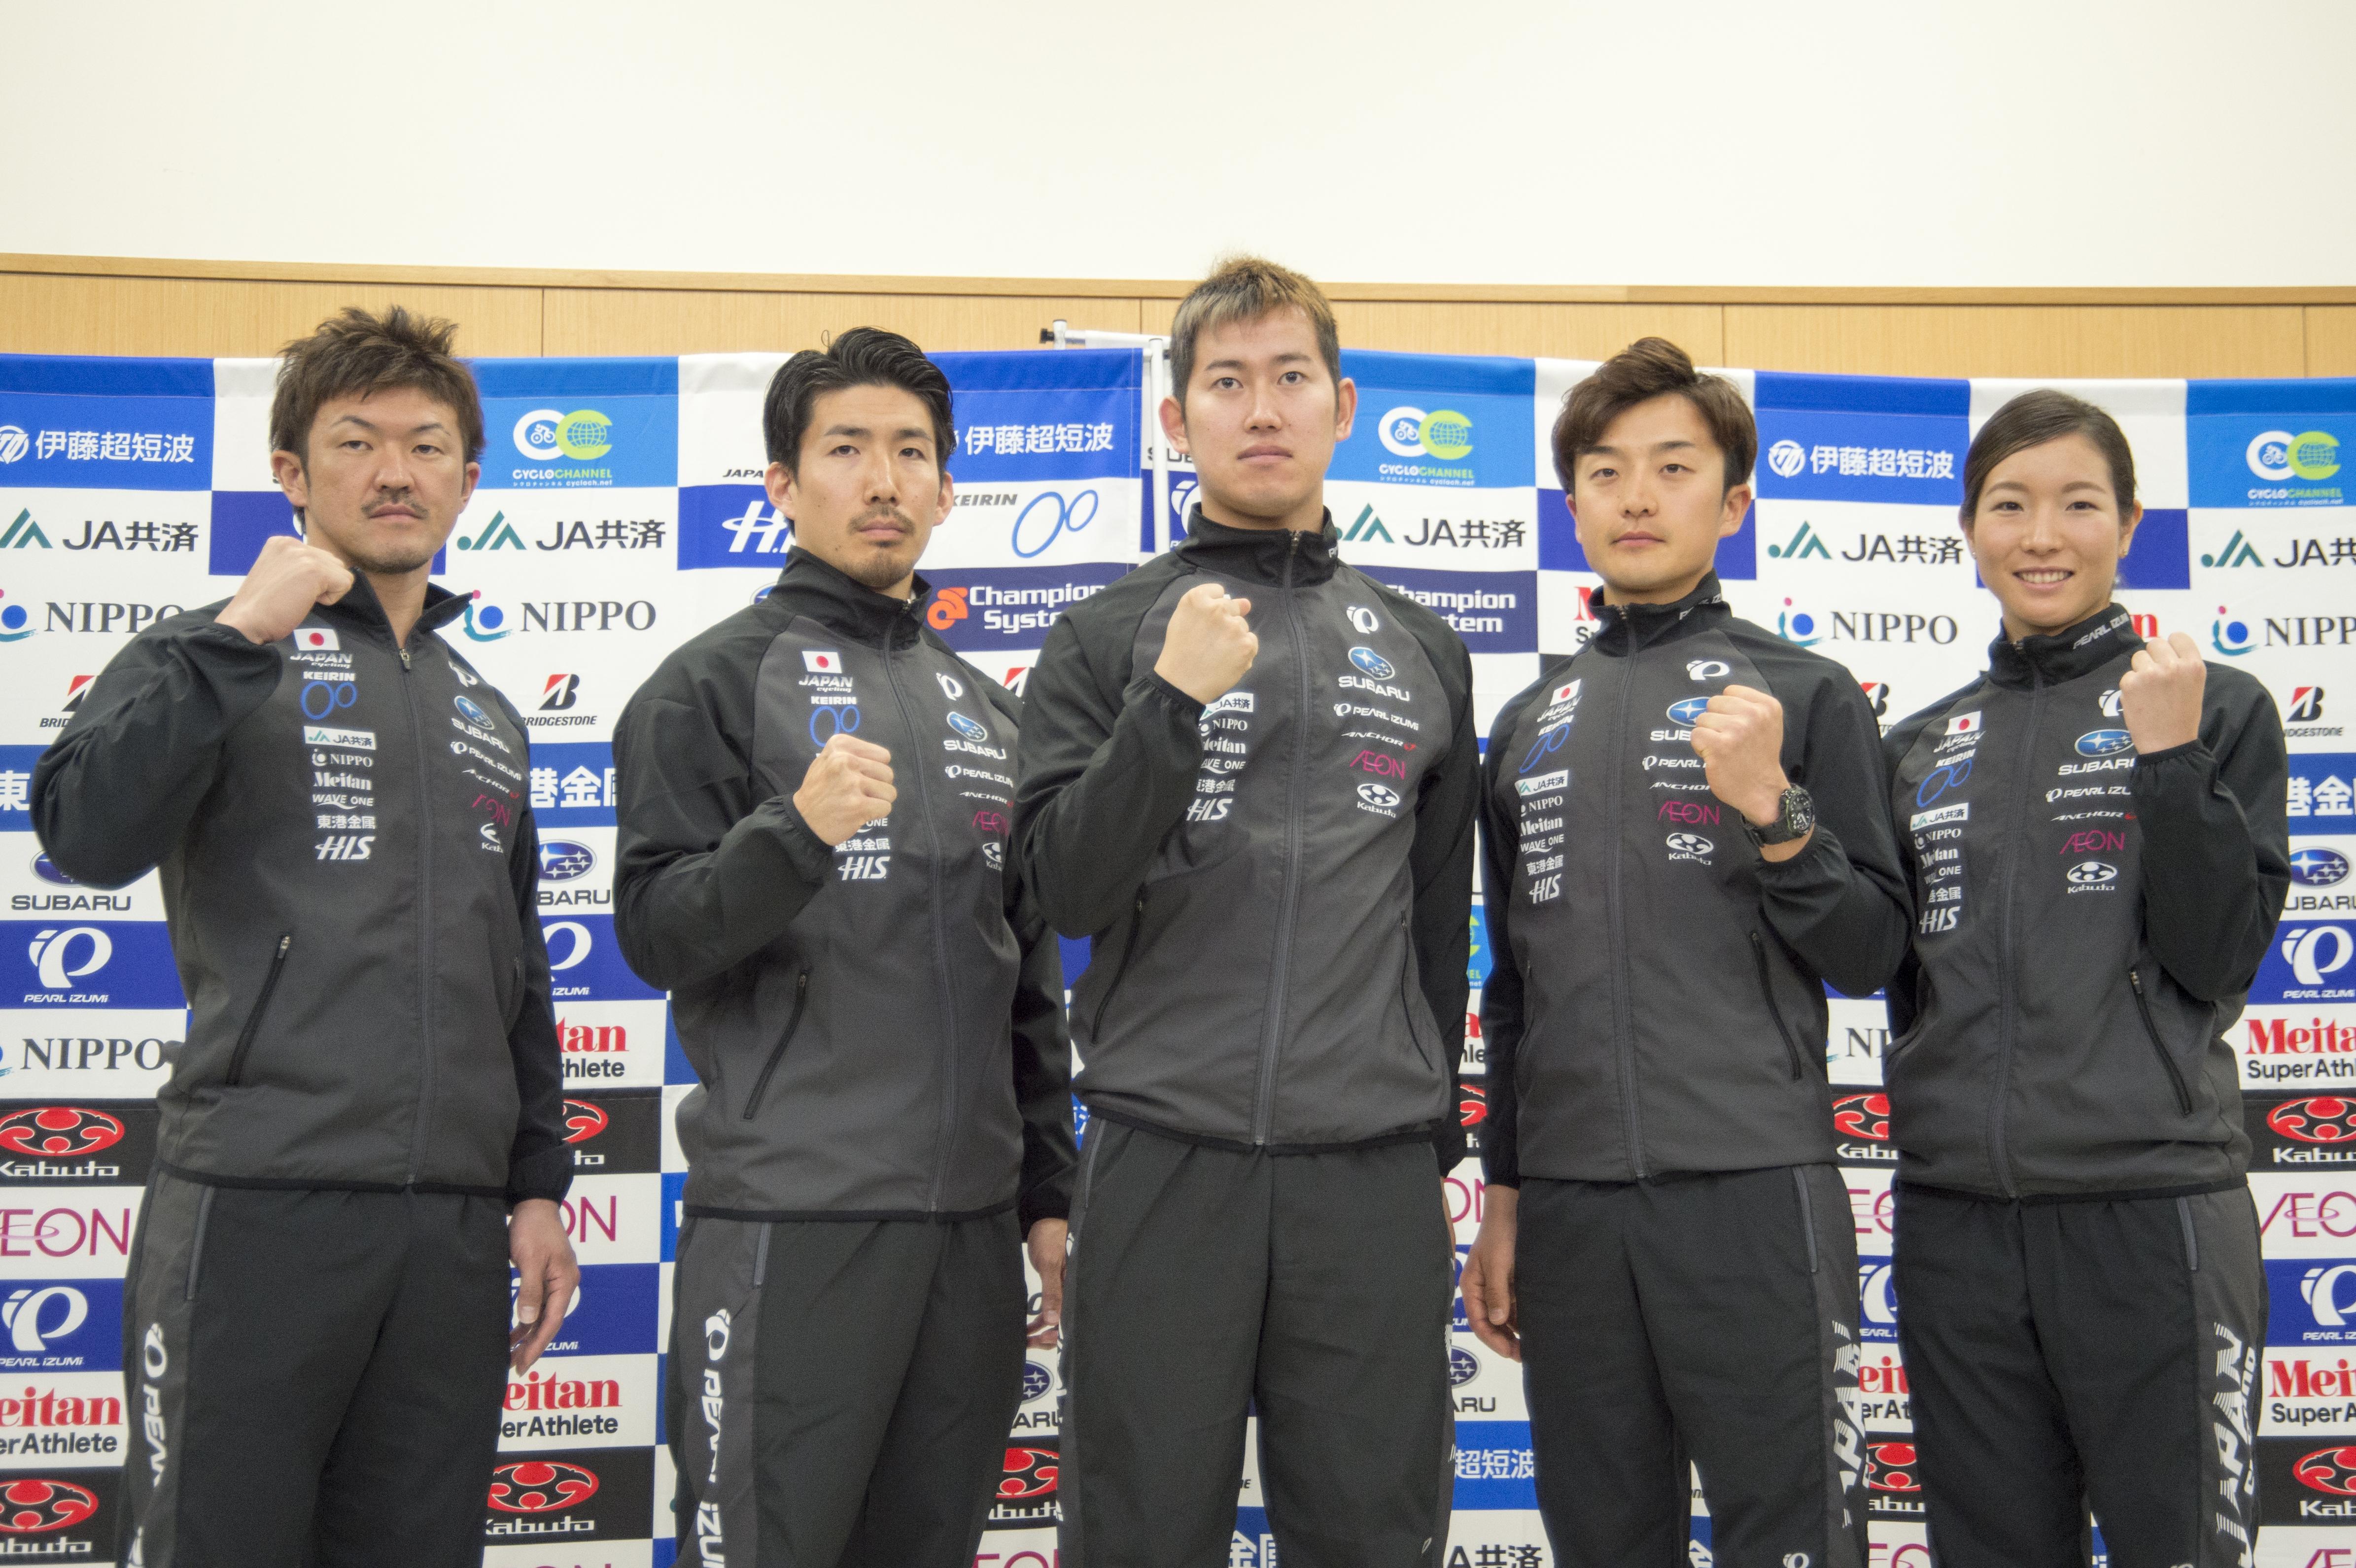 リオ五輪トラック日本代表候補選手